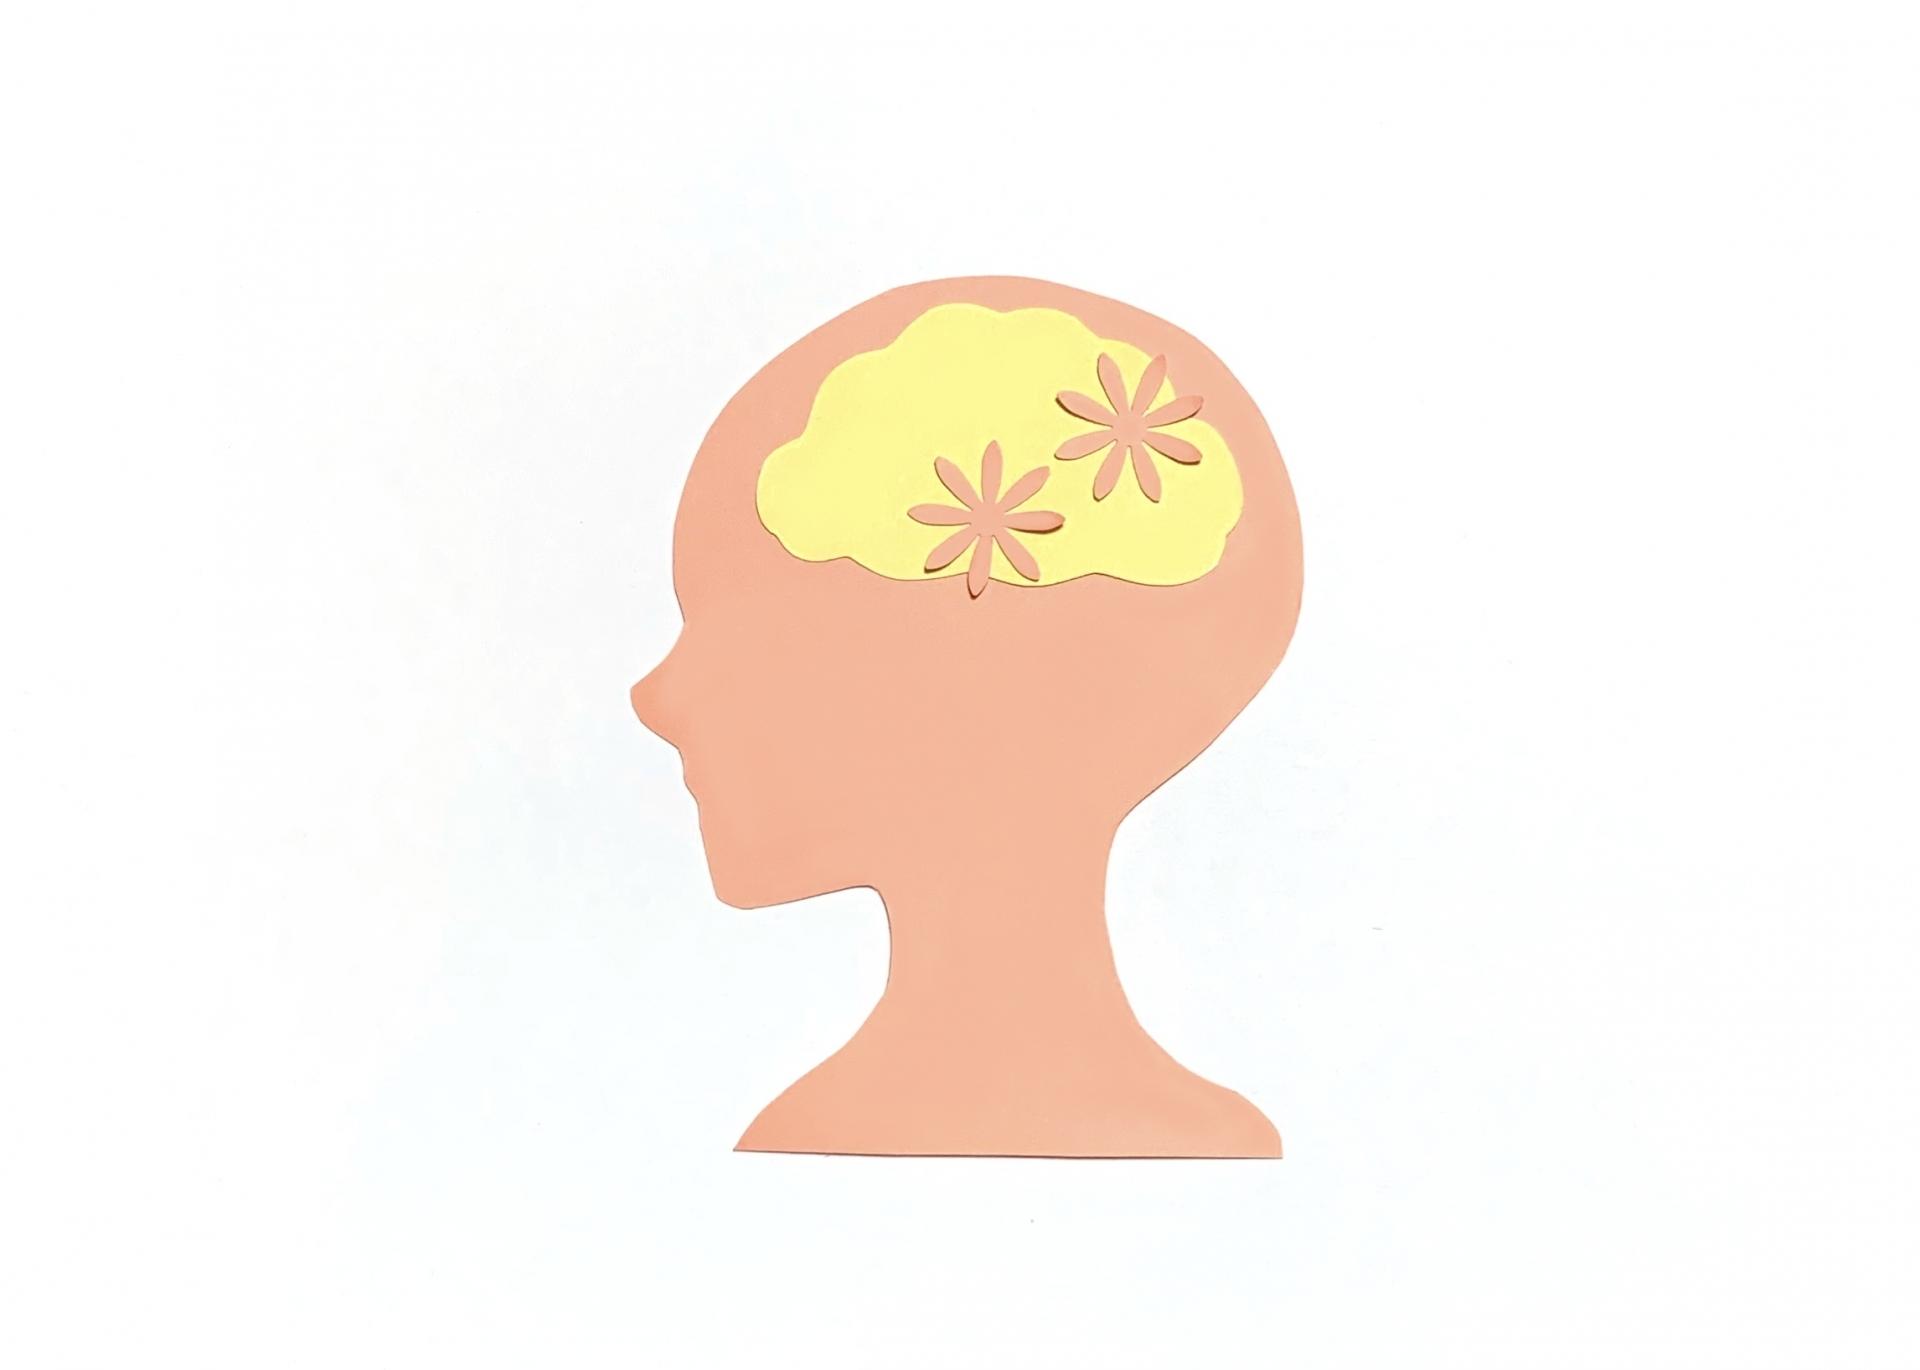 打倒「脳疲労」!幸せホルモンで脳内リフレッシュ